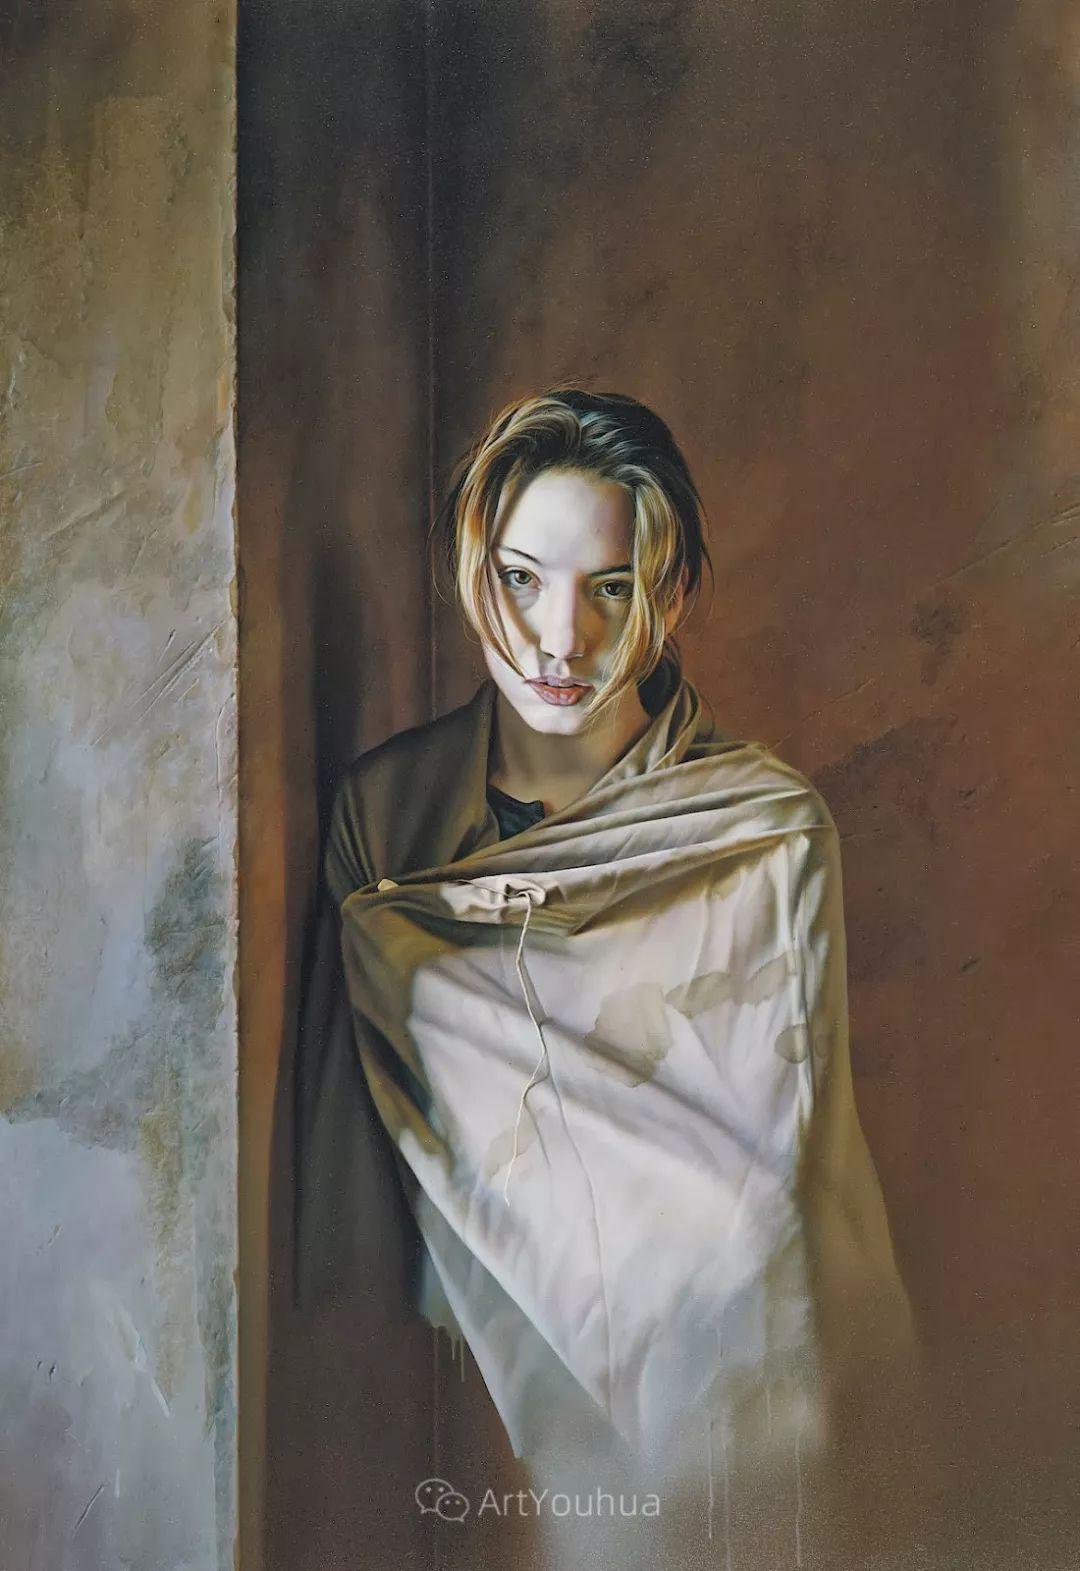 他以细腻的画风享誉国际画坛,笔下的女性大多涩苦幽情插图5